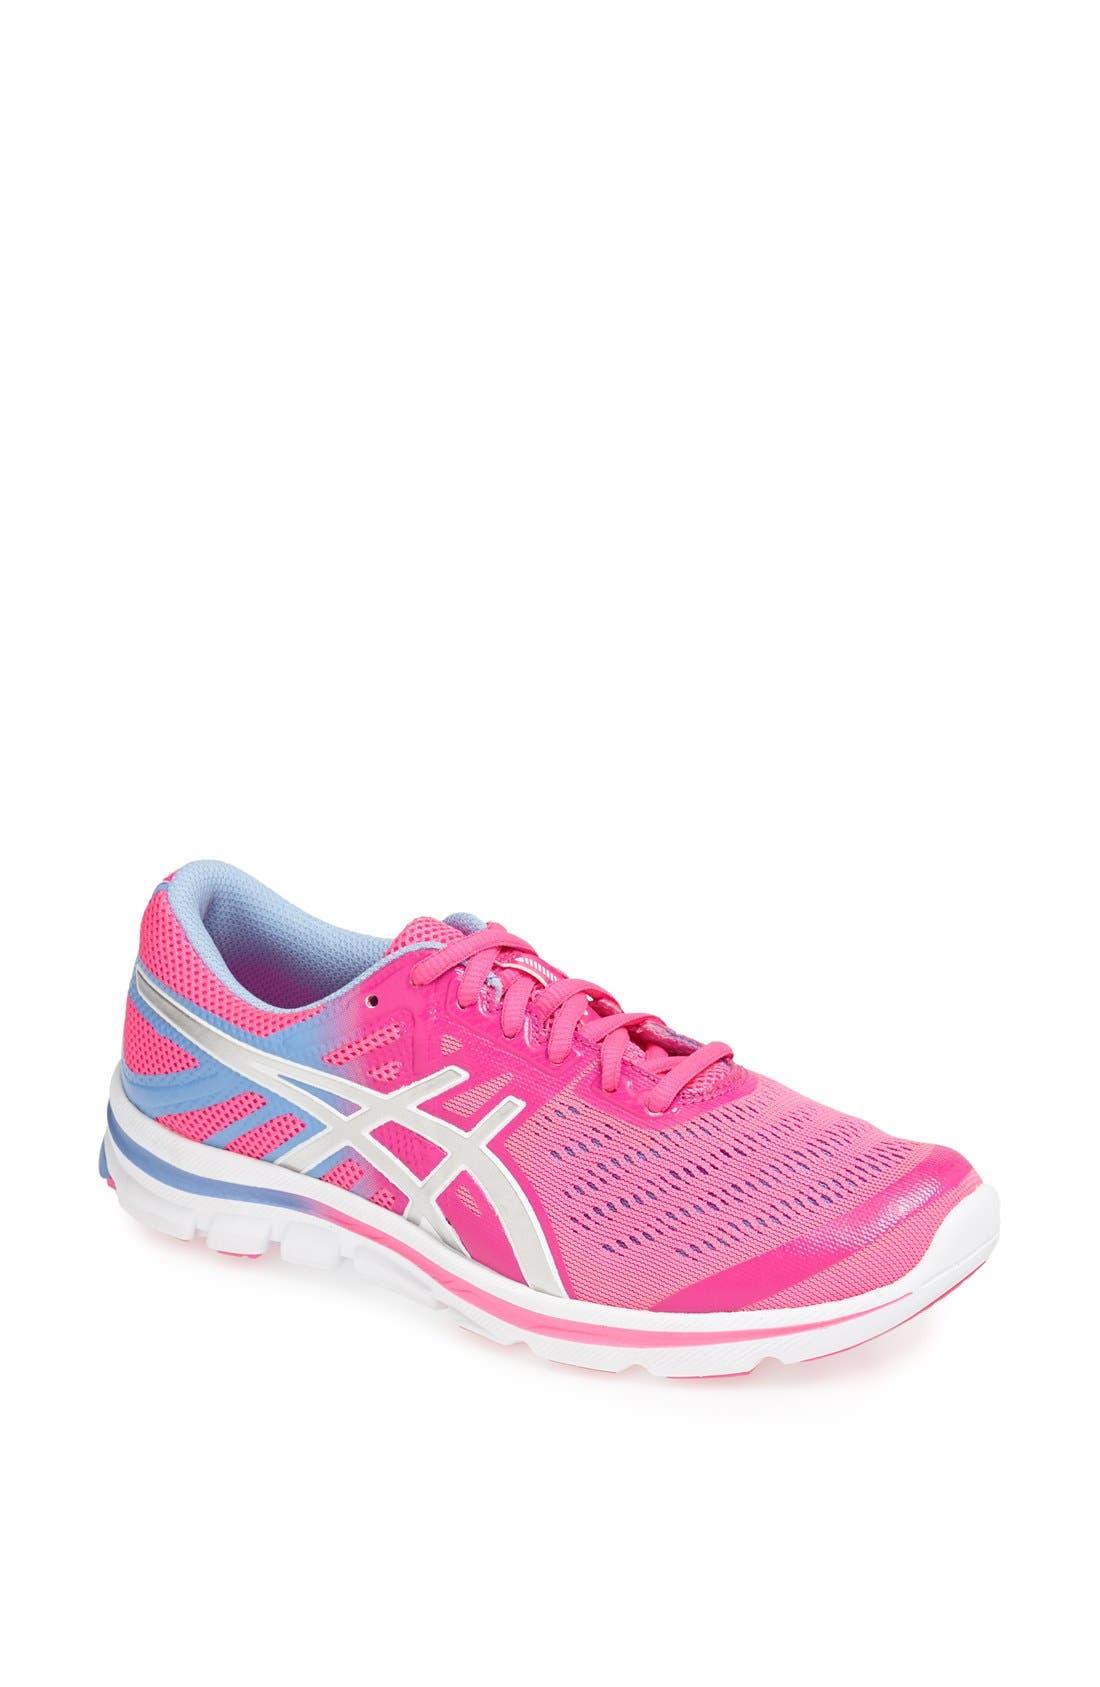 Alternate Image 1 Selected - ASICS® 'Gel-Electro 33' Running Shoe (Women)